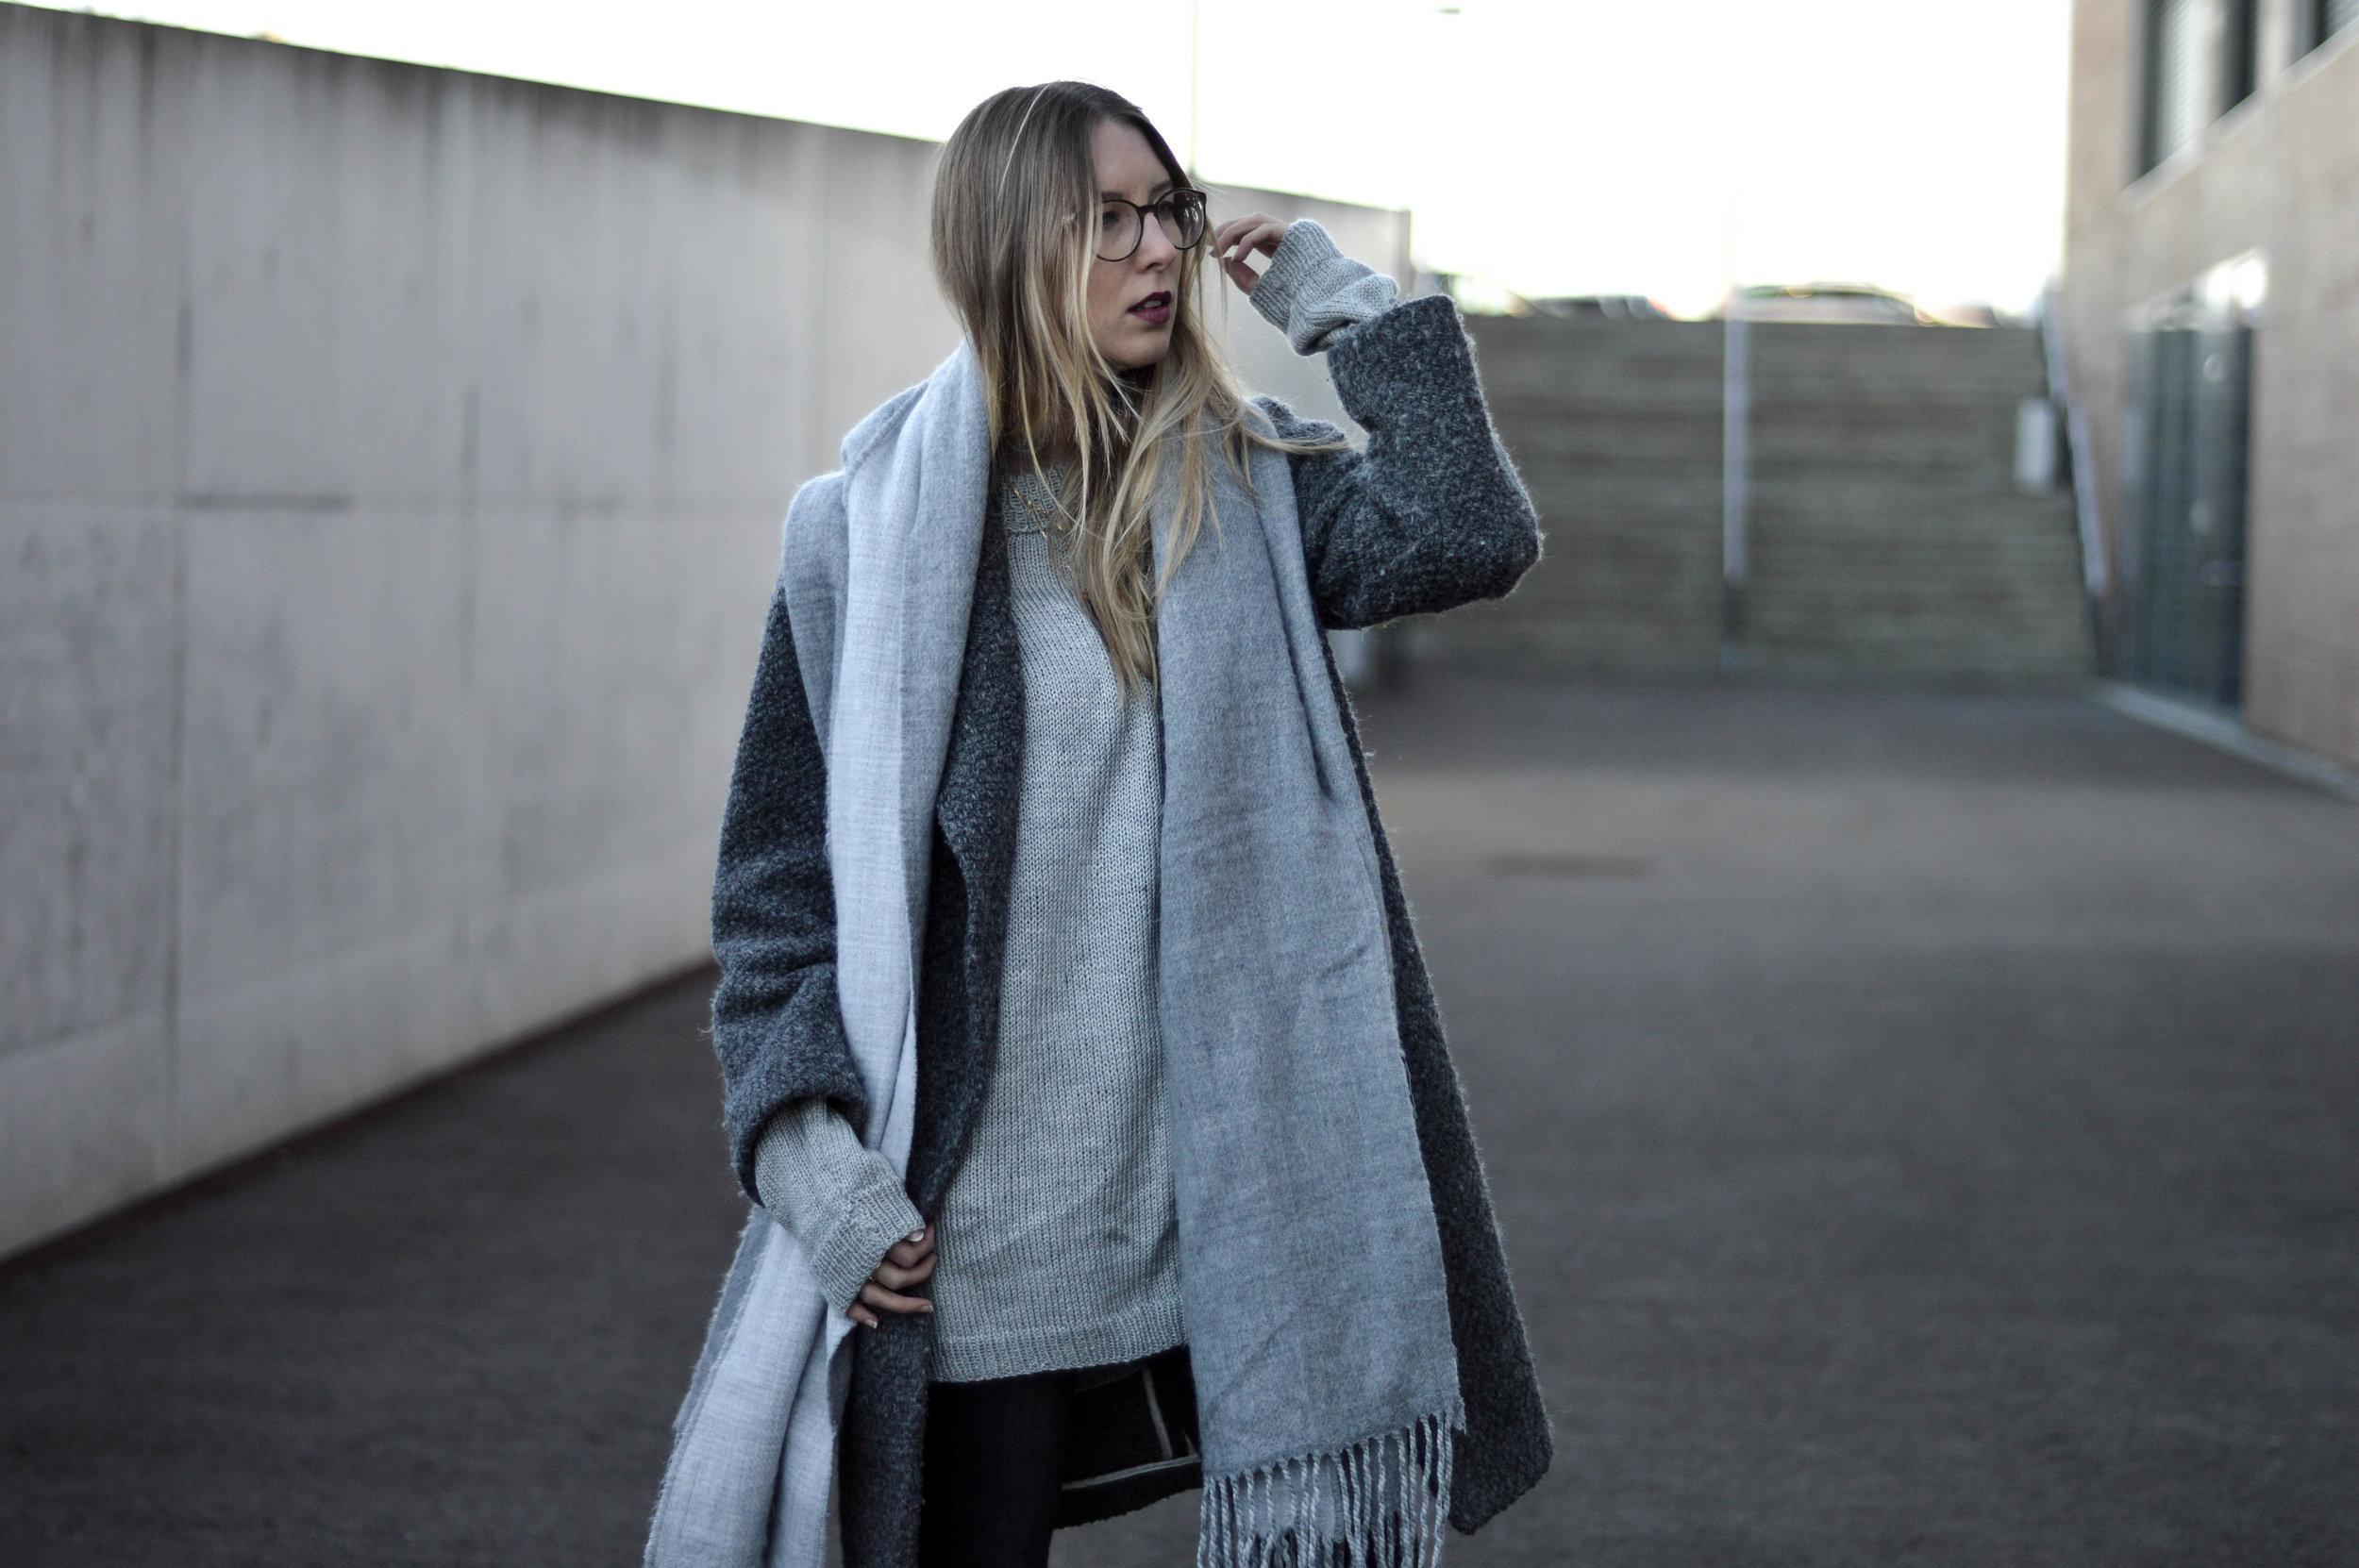 Grey Coat - OSIARAH.COM (12 of 18).jpg